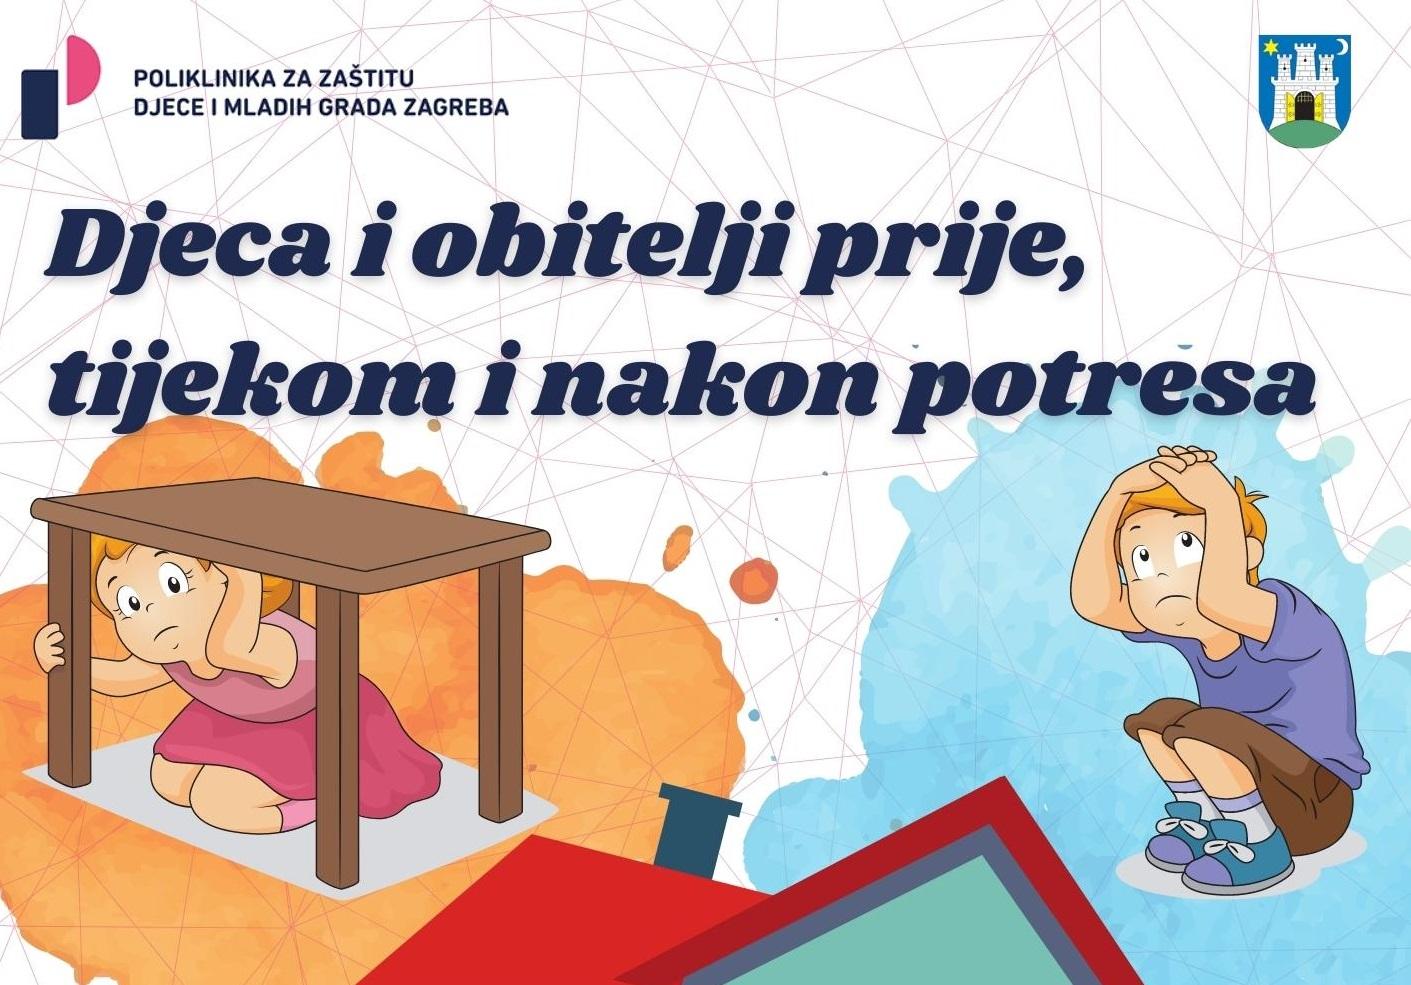 FOTO/Poliklinika za zaštitu djece i mladih grada Zagreba